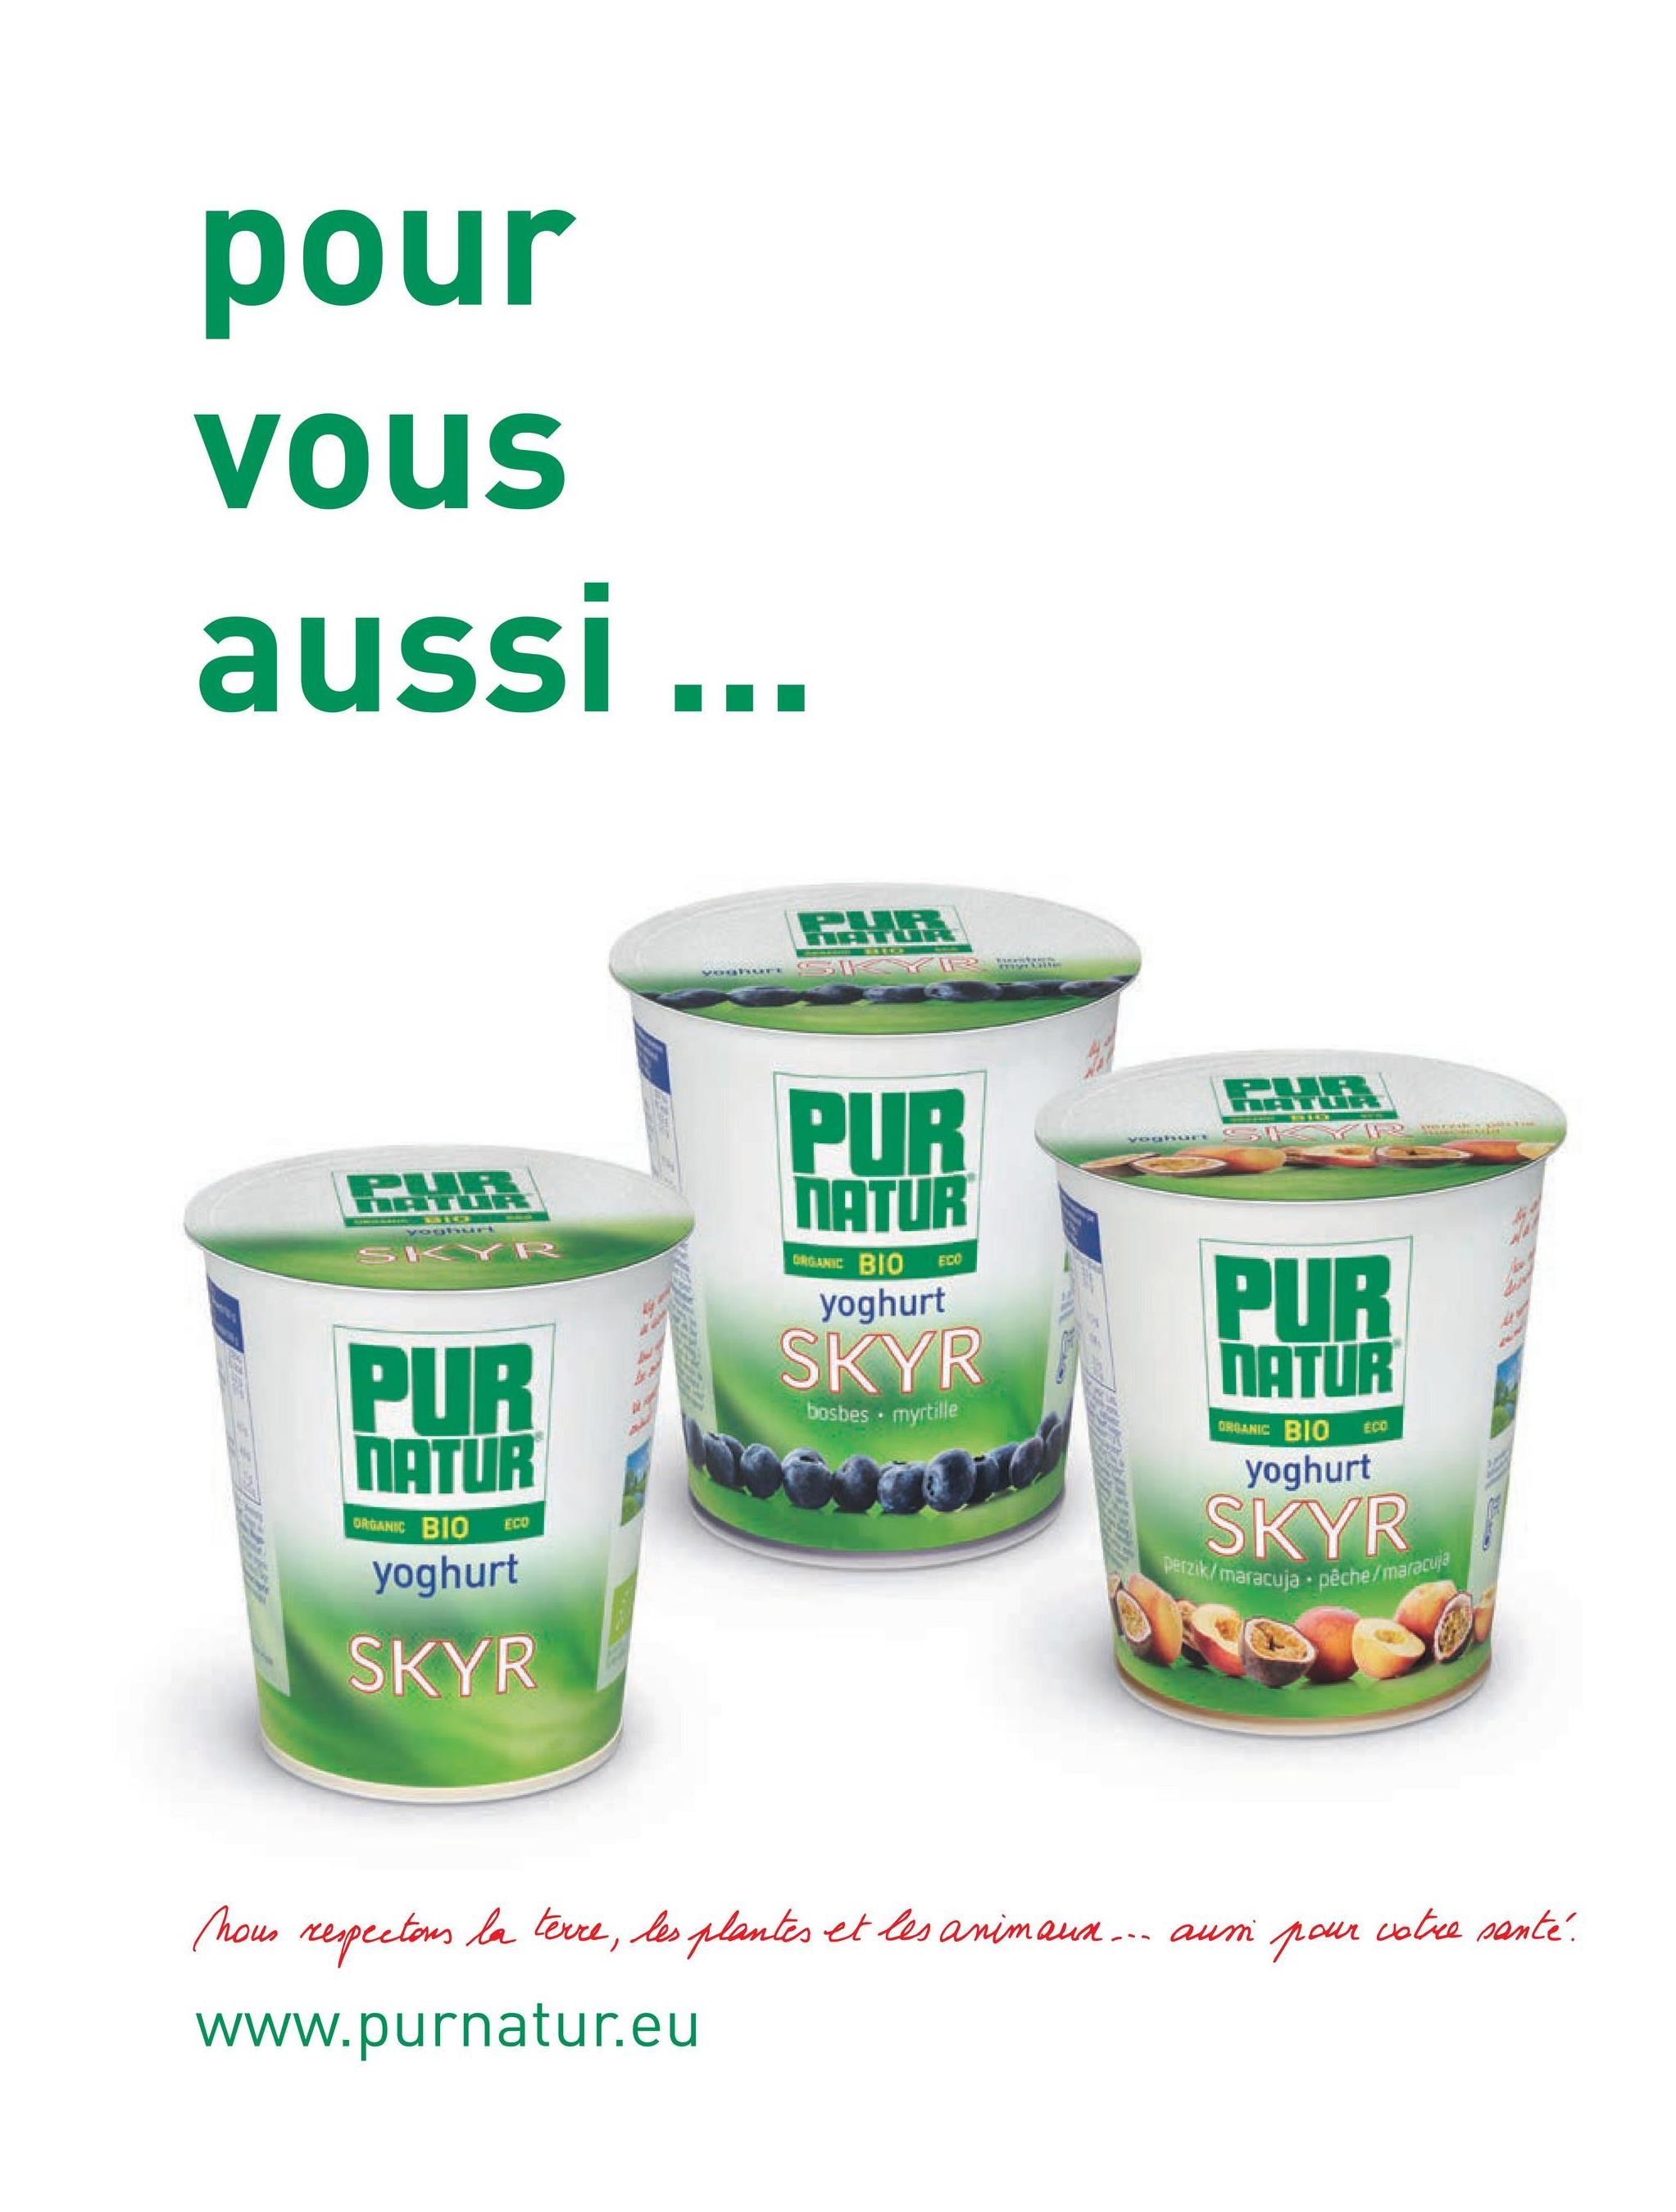 pour vous aussi... US PUR Vok PUR NATUR PIR You SYR ECO ORGANIC BIO yoghurt SKYR PUR NATUR PUR NATUR bosbes. myrtille ECO ORGANIC BIO yoghurt ORGANIC BIO ECO SKYR Perzik/maracuja . pêche / maracuja yoghurt SKYR catre santé hous respectons la terre, les plantes et les animaux --- aun pour www.purnatur.eu